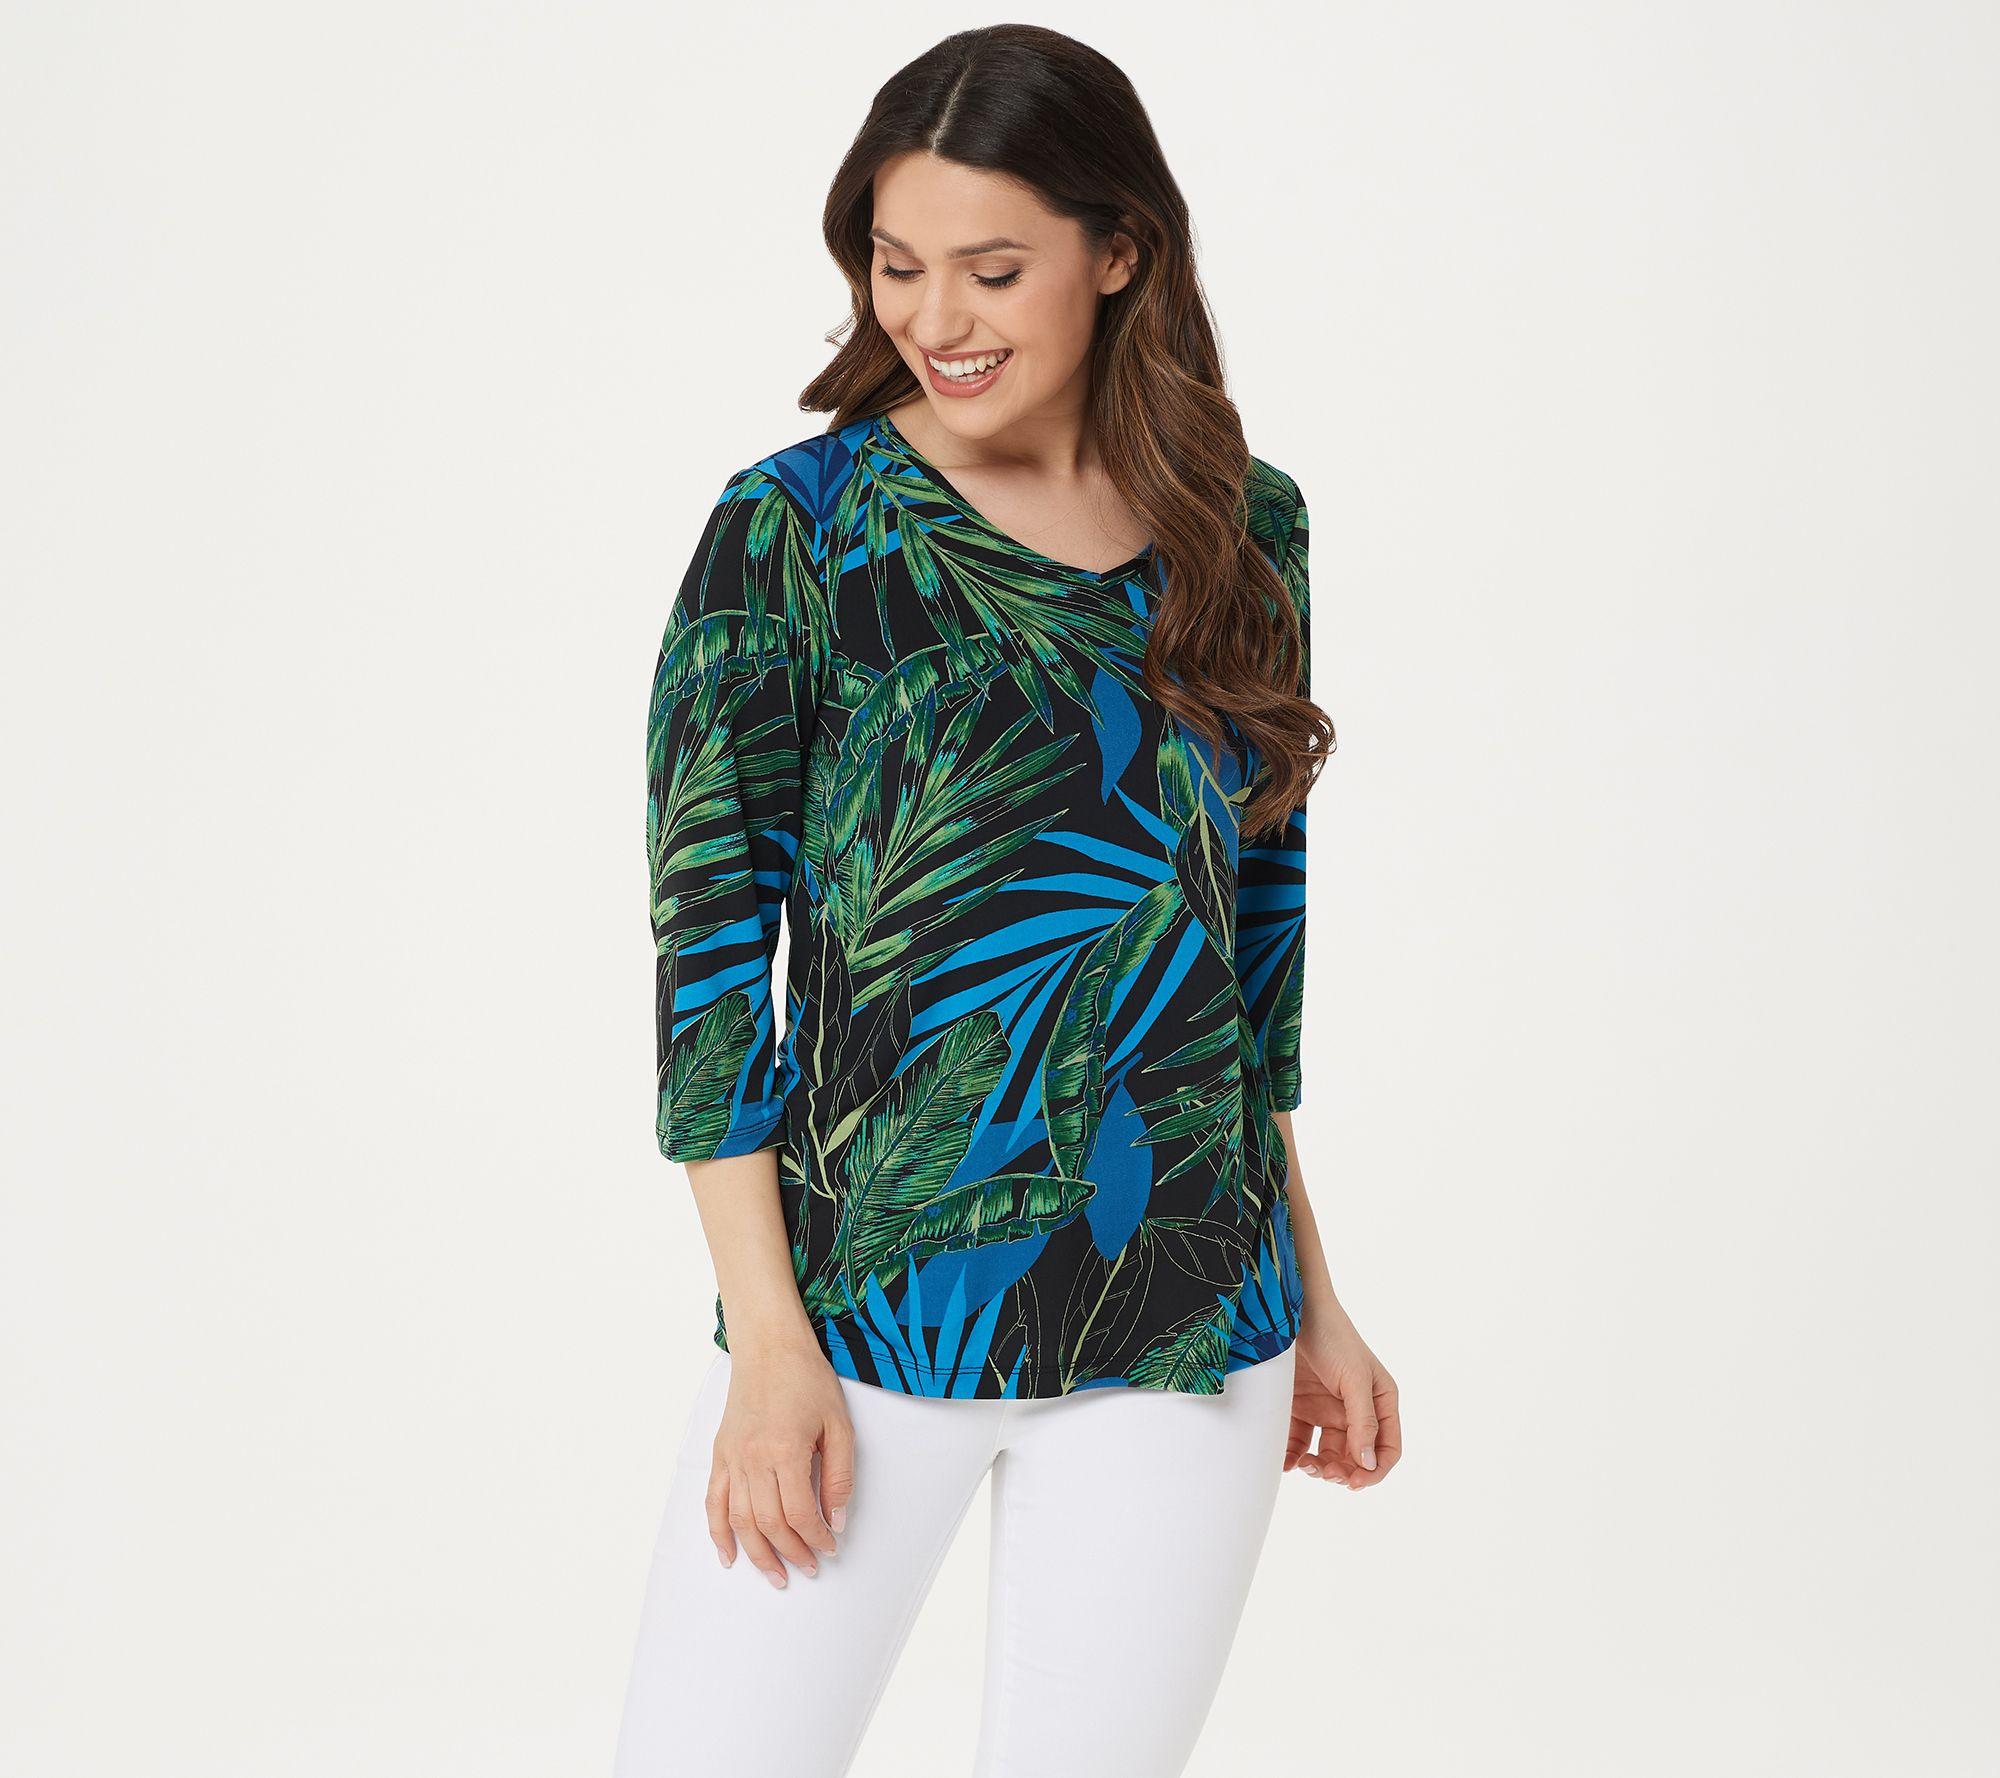 ca1b21a5d59 Susan Graver Printed Liquid Knit V-neck 3/4 Sleeve Top - Page 1 — QVC.com